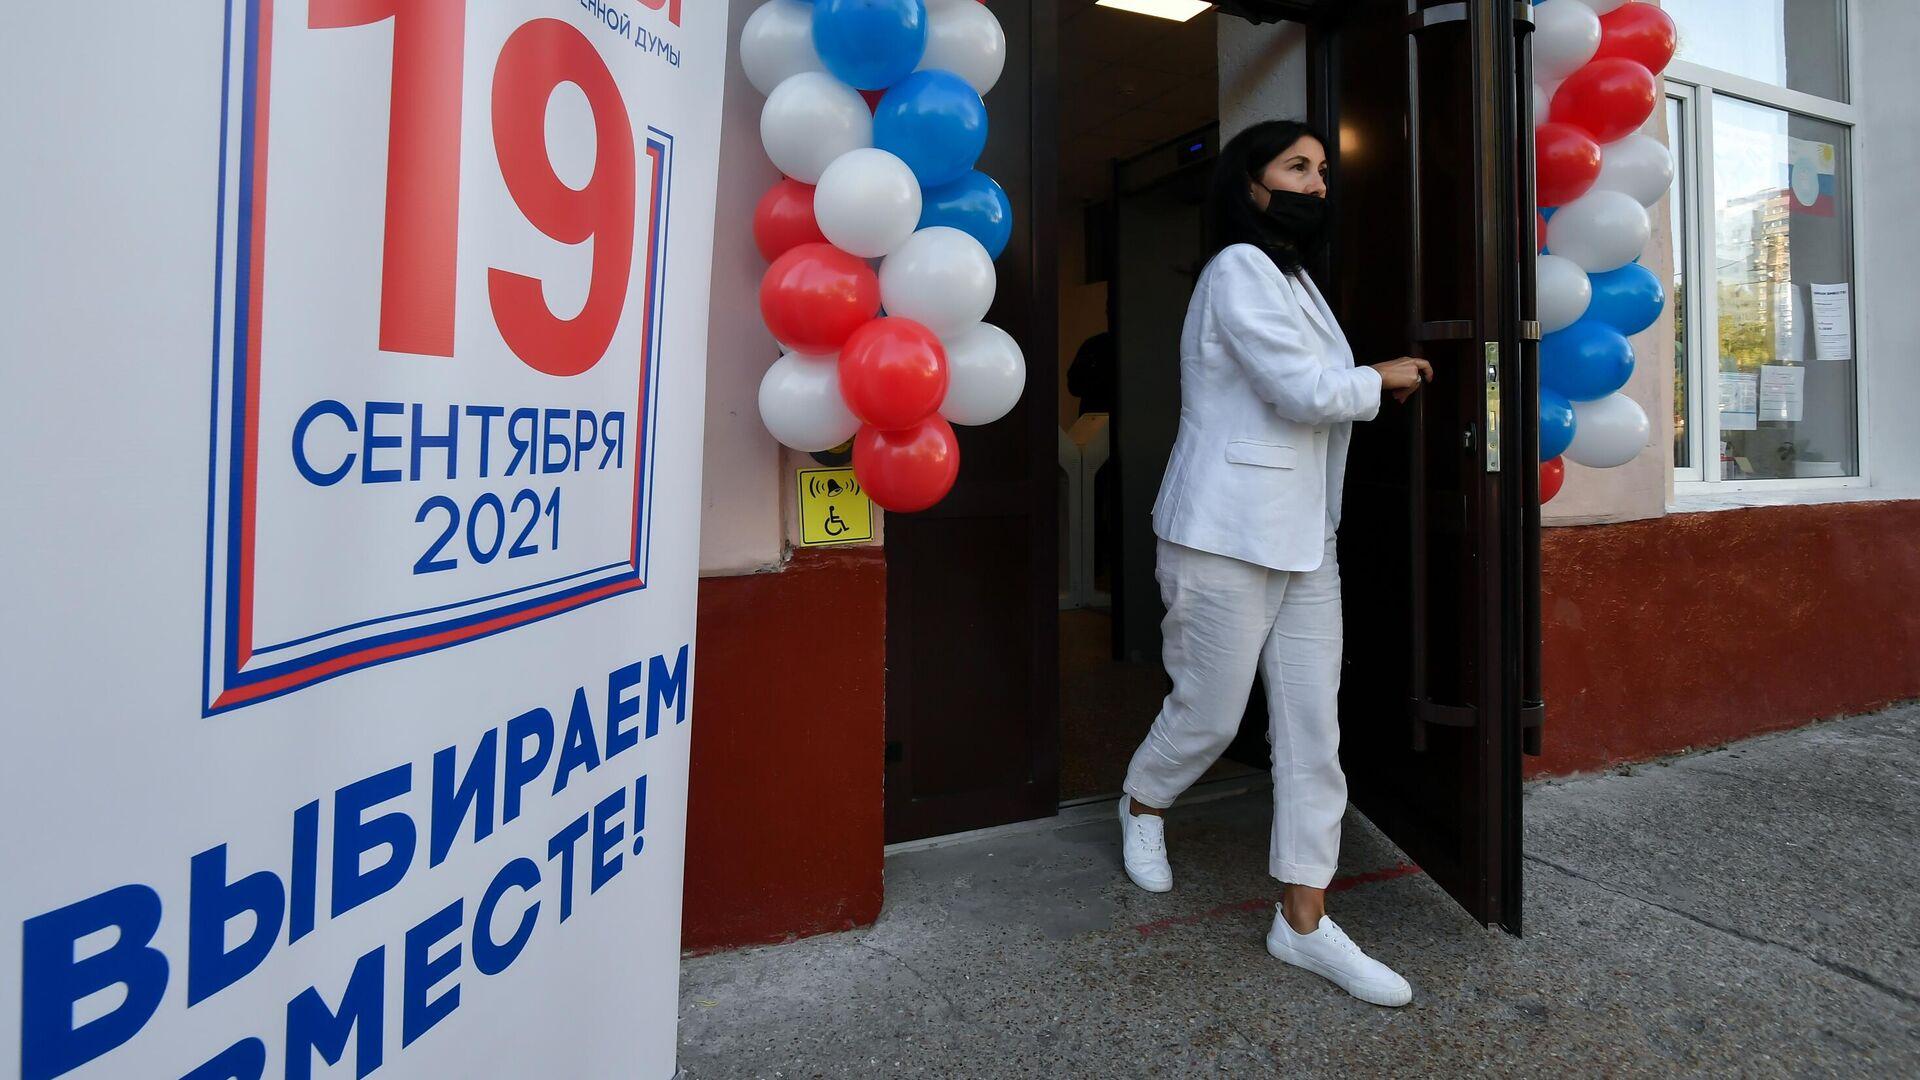 В России стартовали выборы депутатов Госдумы, законодательных органов и глав субъектов федерации - РИА Новости, 1920, 05.10.2021